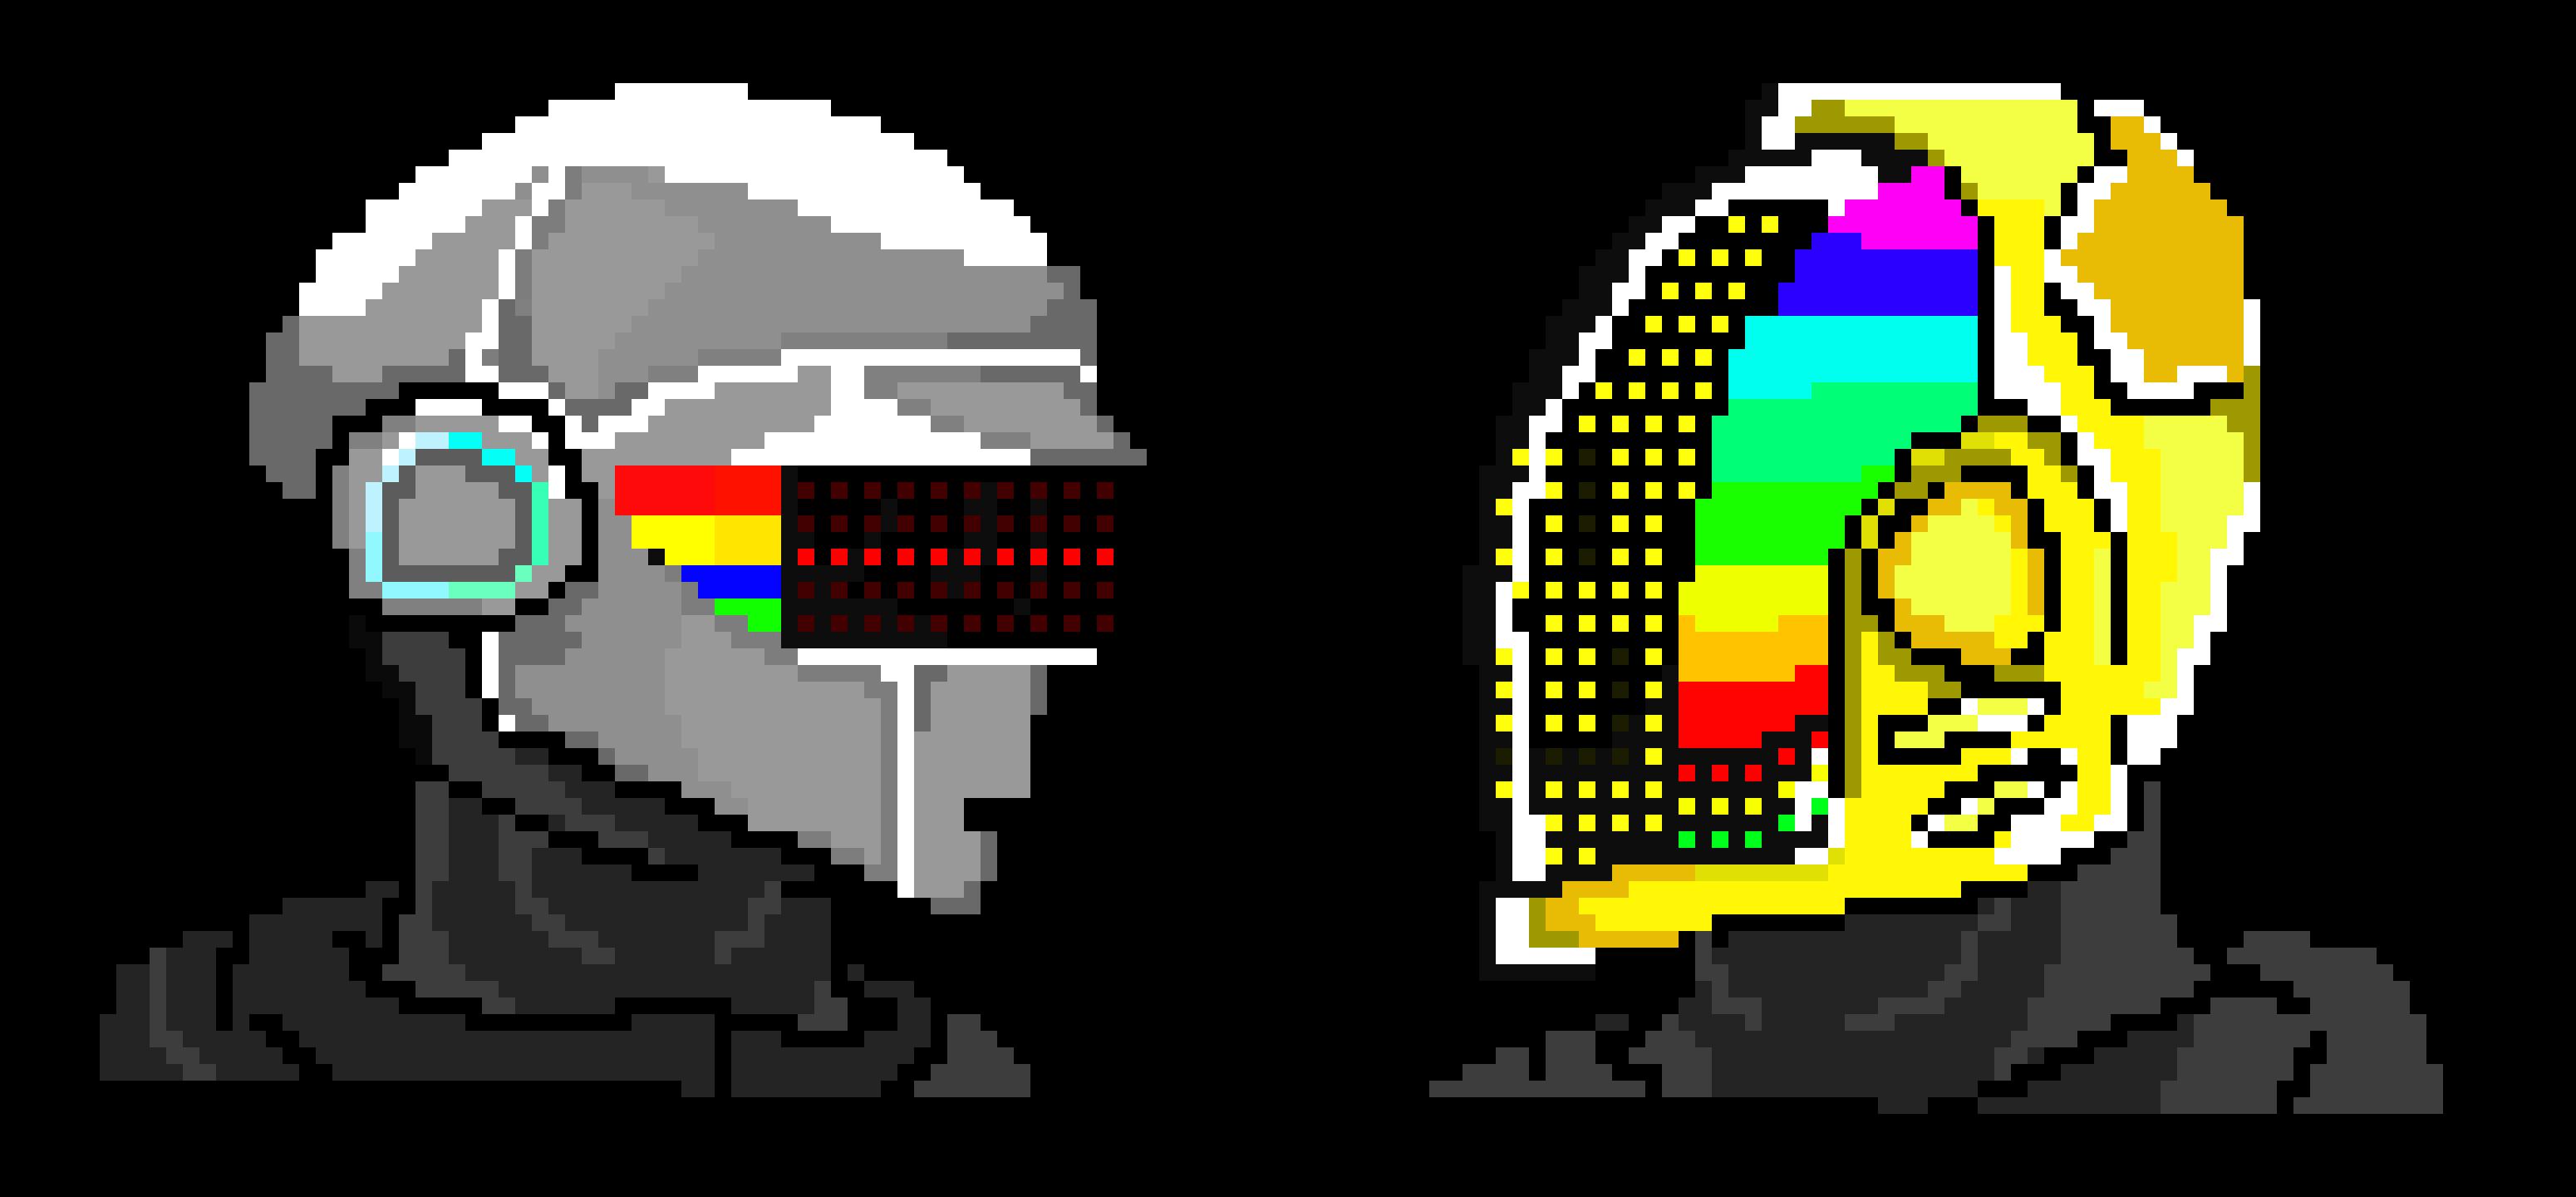 3100x1440 Daft Punk Pixel Art Maker